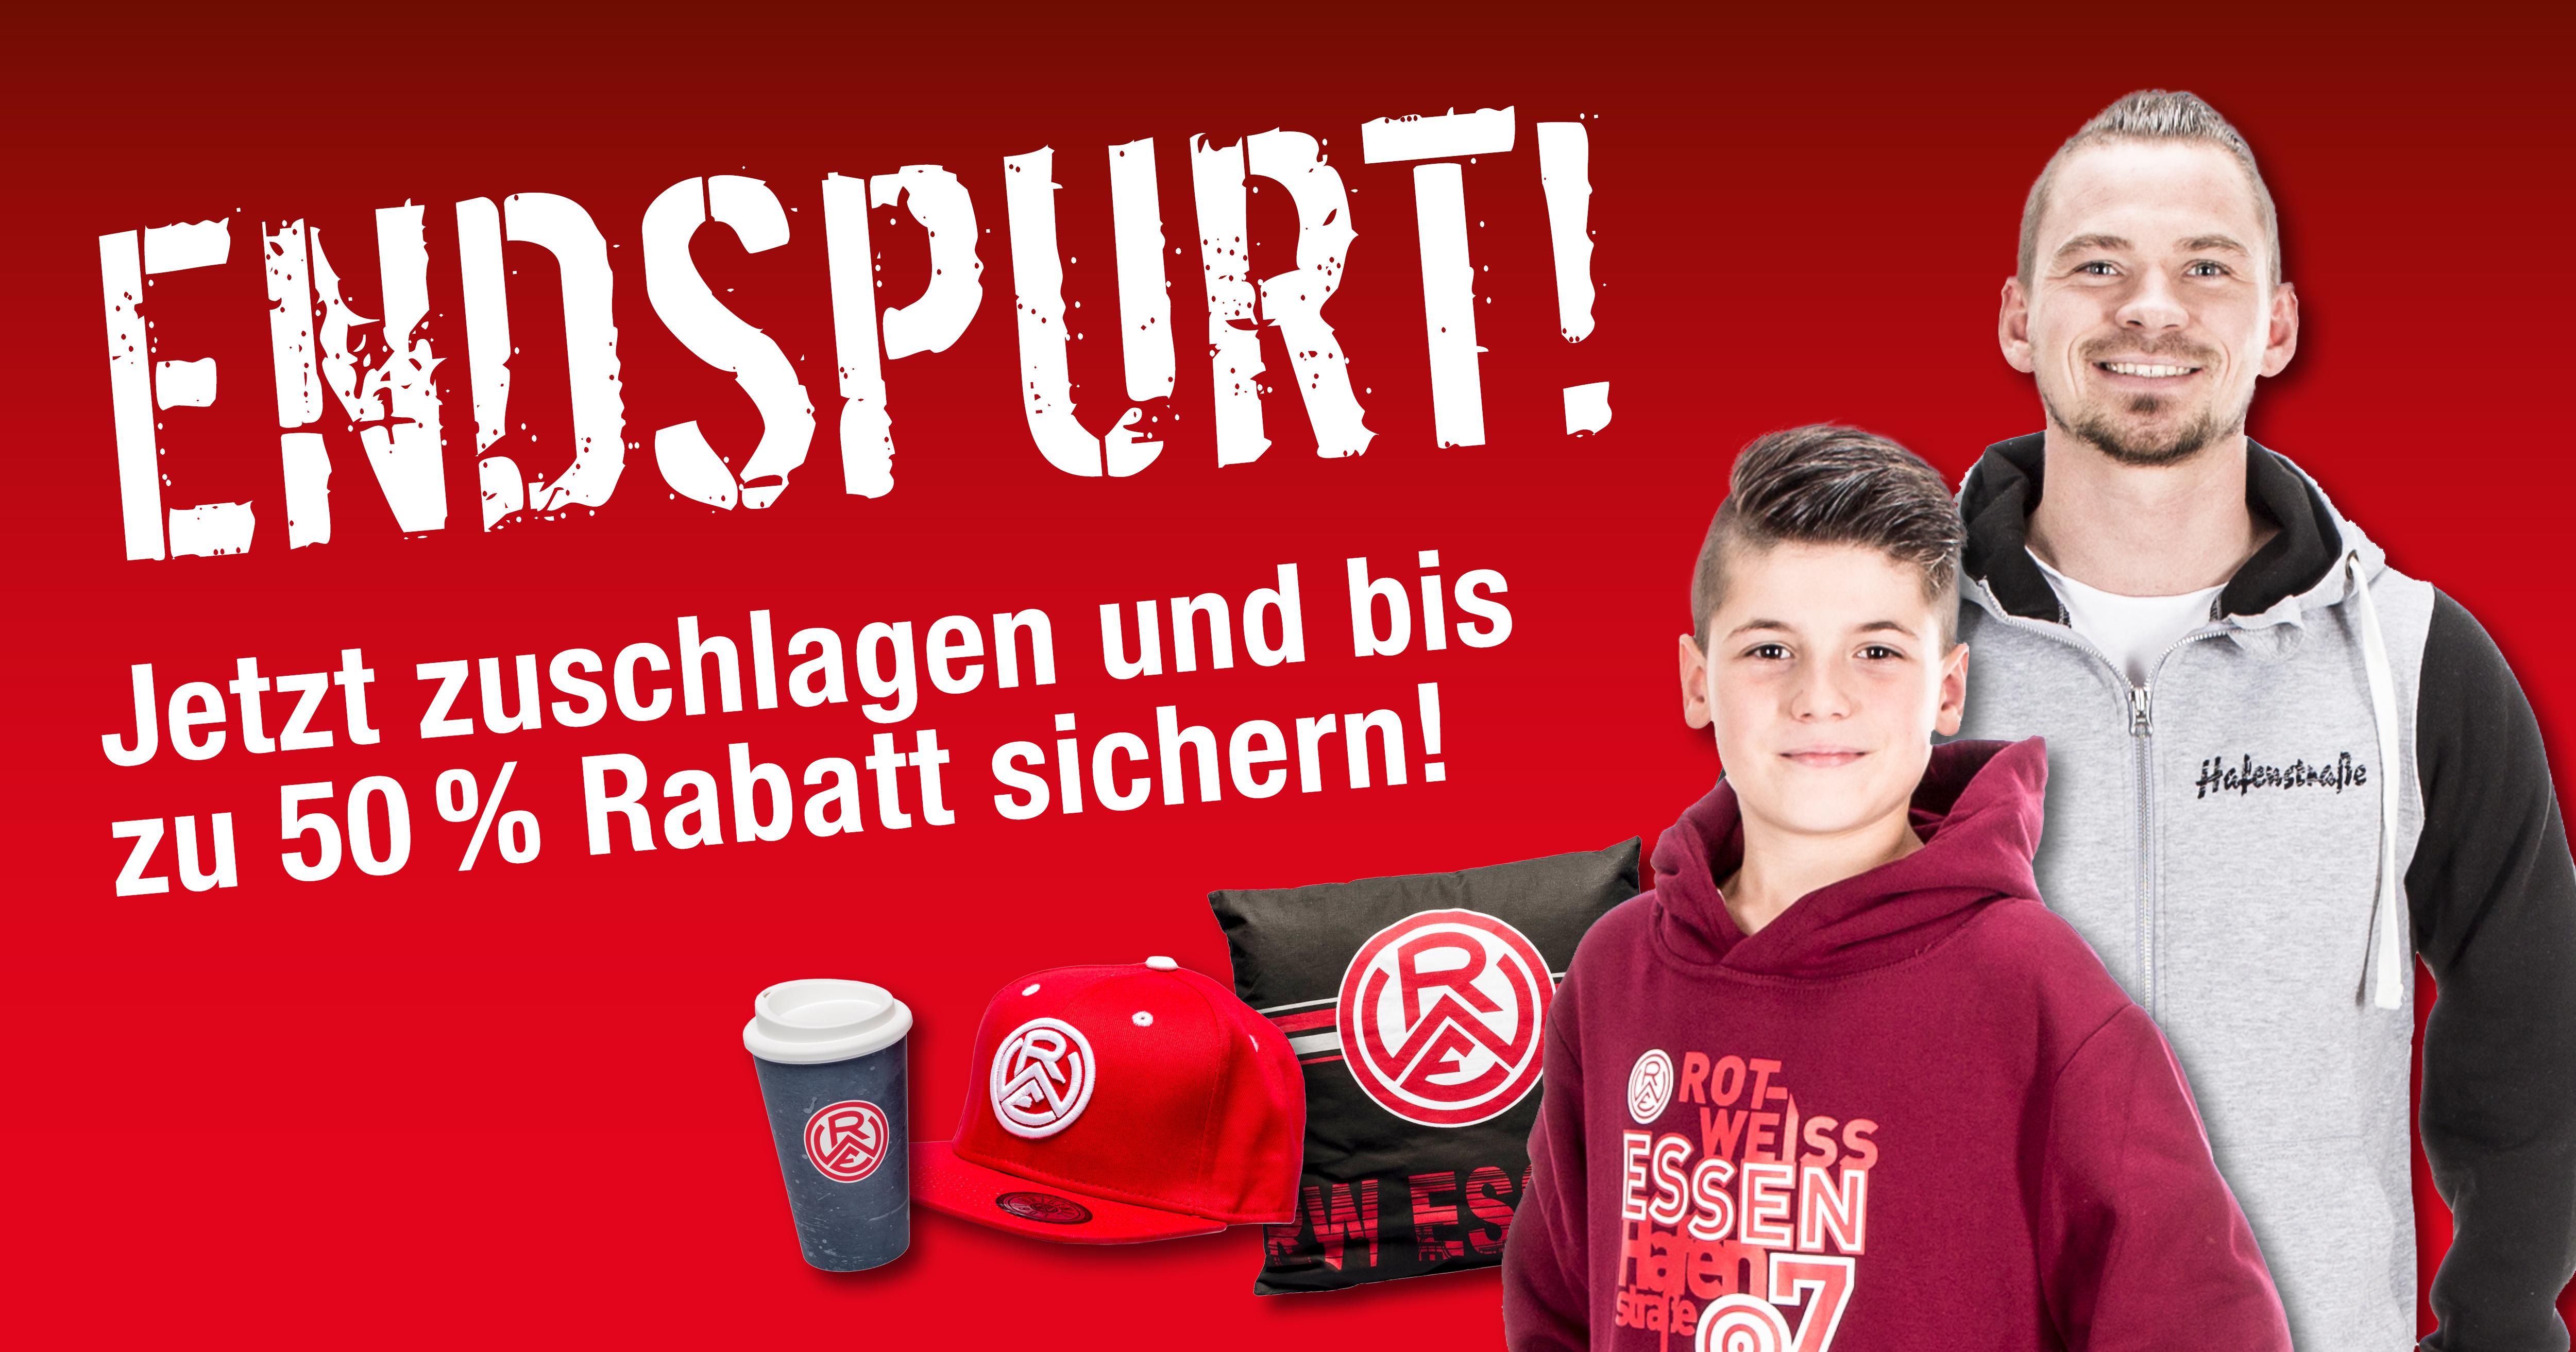 Endspurt im Fanshop an der Hafenstraße!